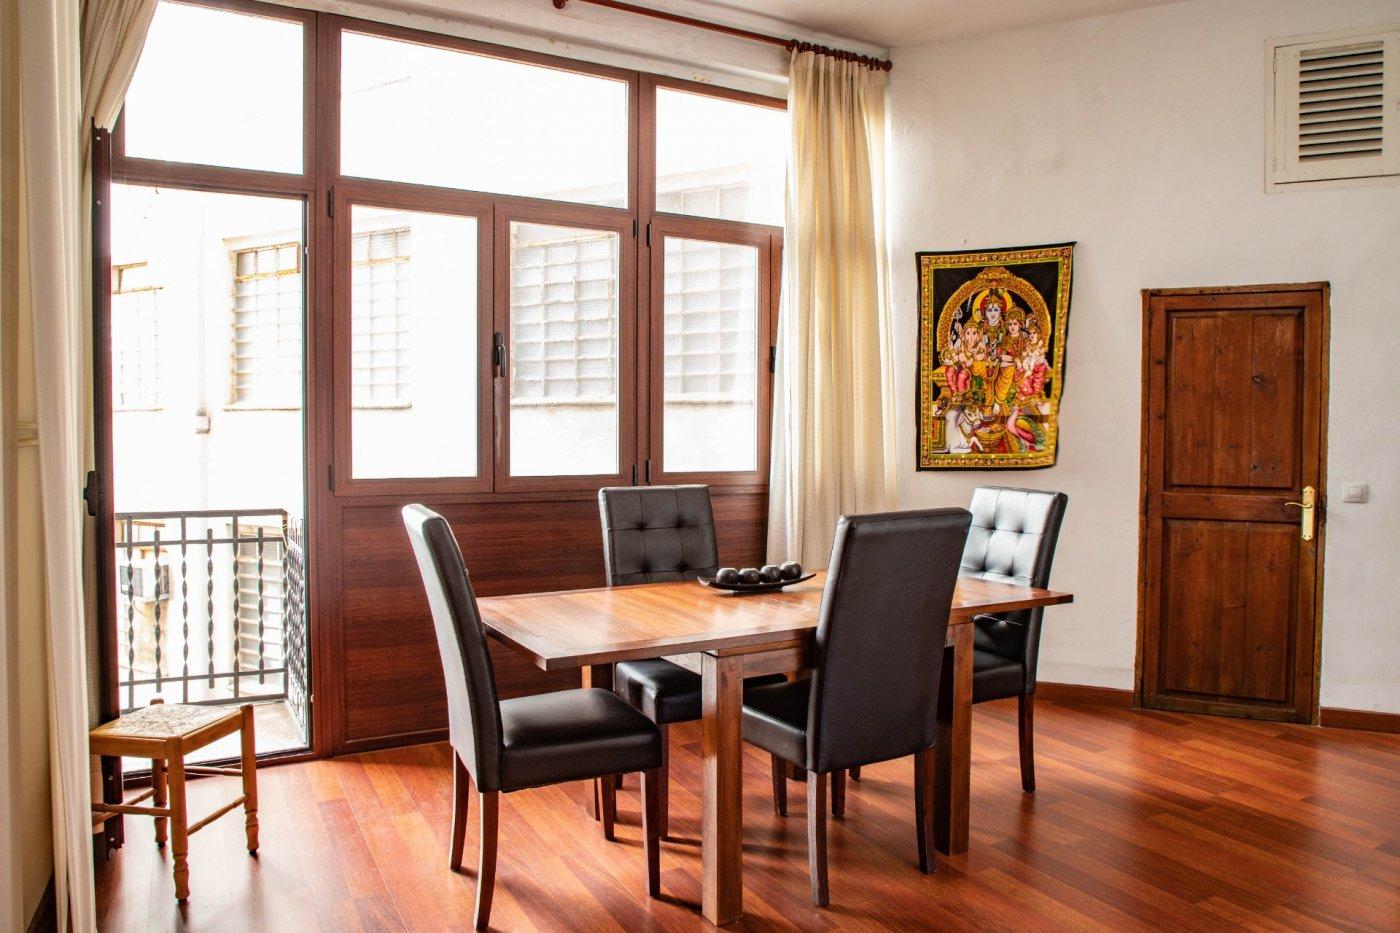 Precioso piso antiguo con mucho carácter en el centro de palma - imagenInmueble6